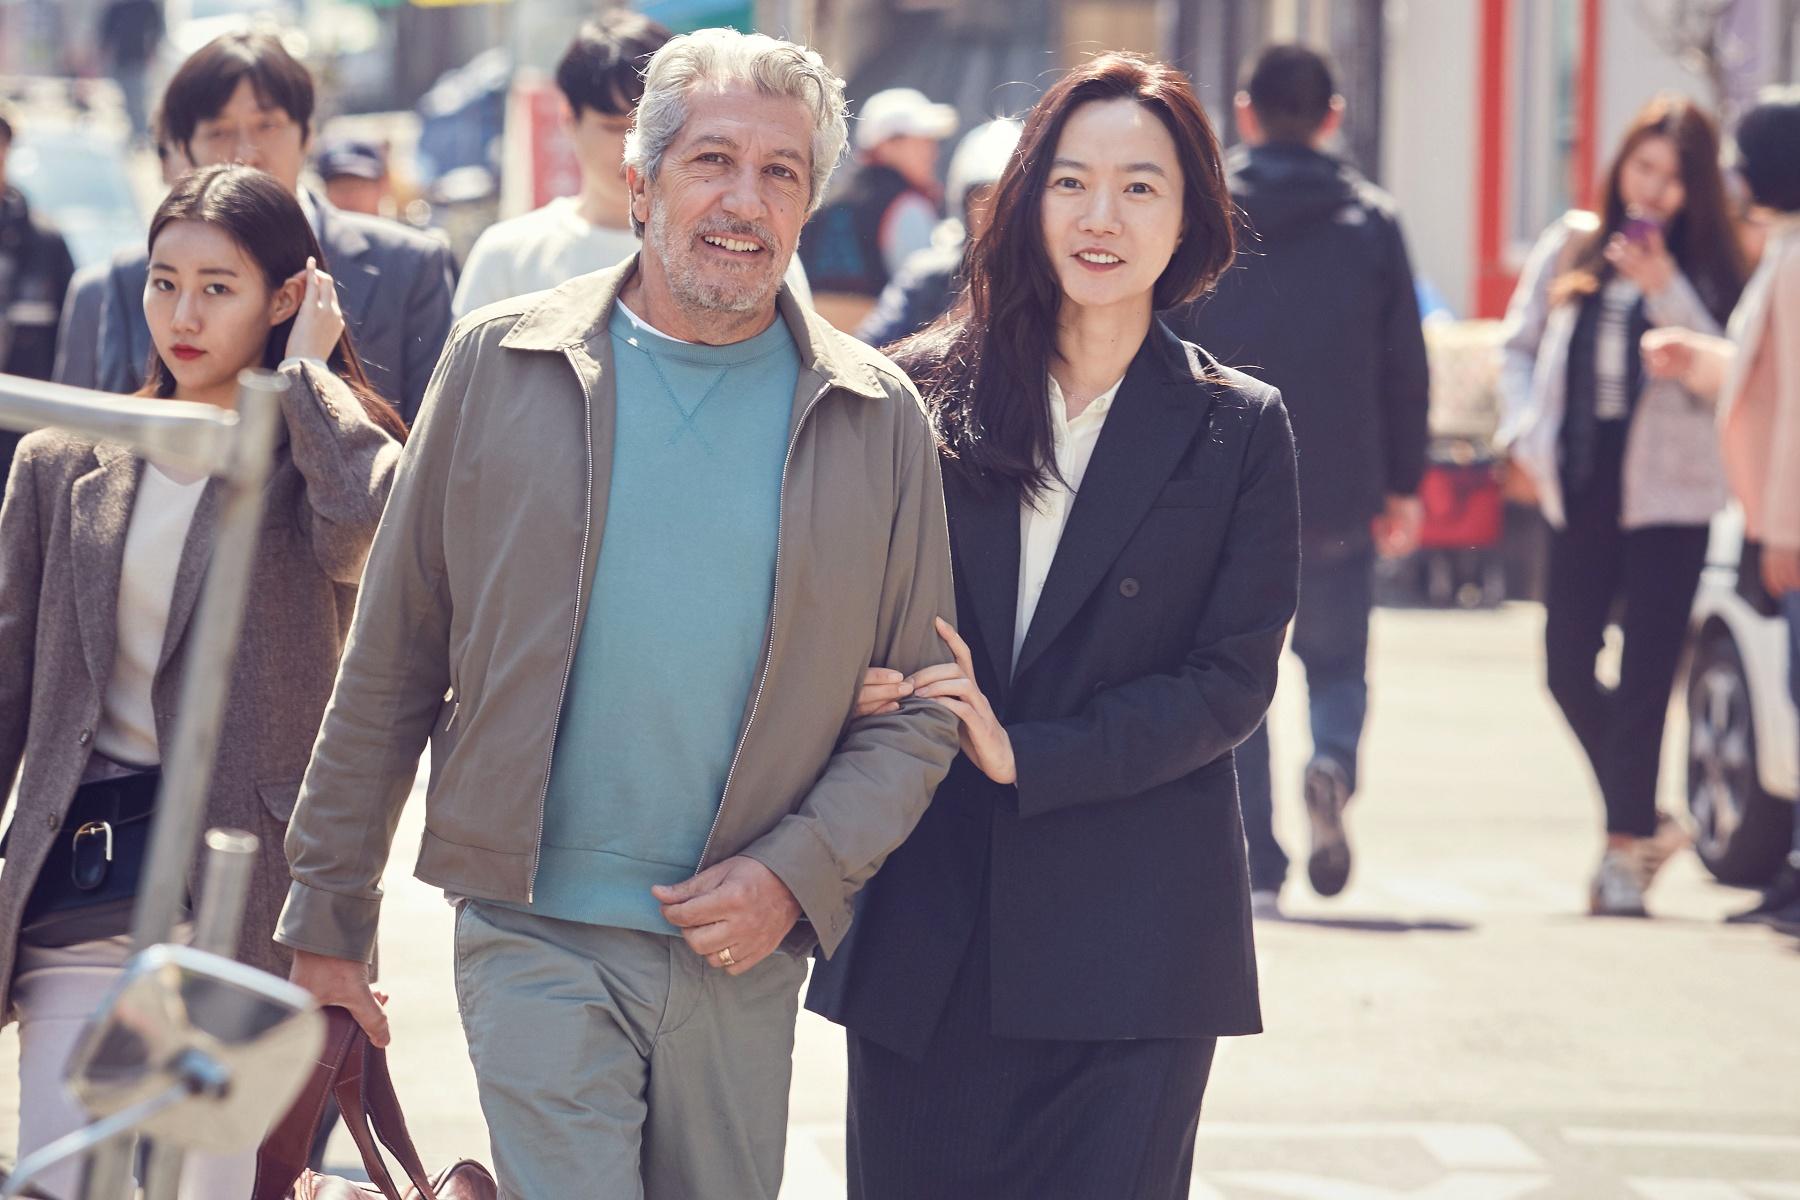 裴斗娜(右)当导游,带亚伦夏巴(左)进行首尔轻旅行